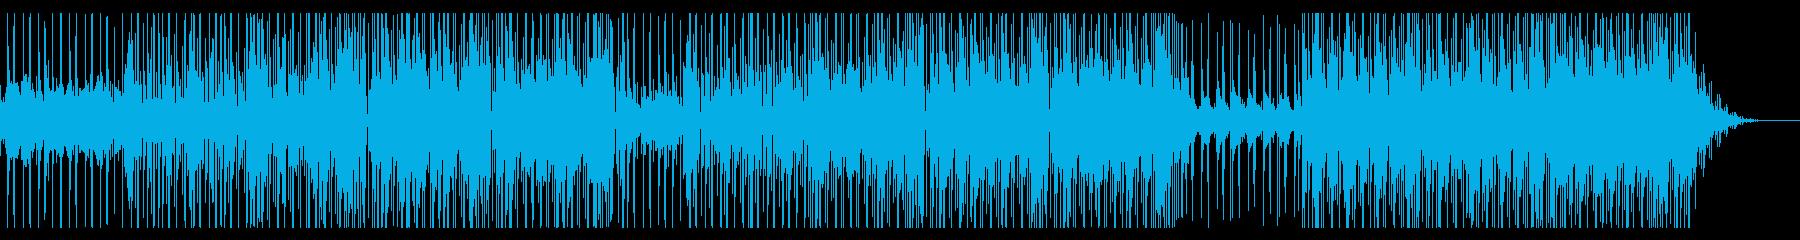 切ない歌謡曲系シティポップインストの再生済みの波形